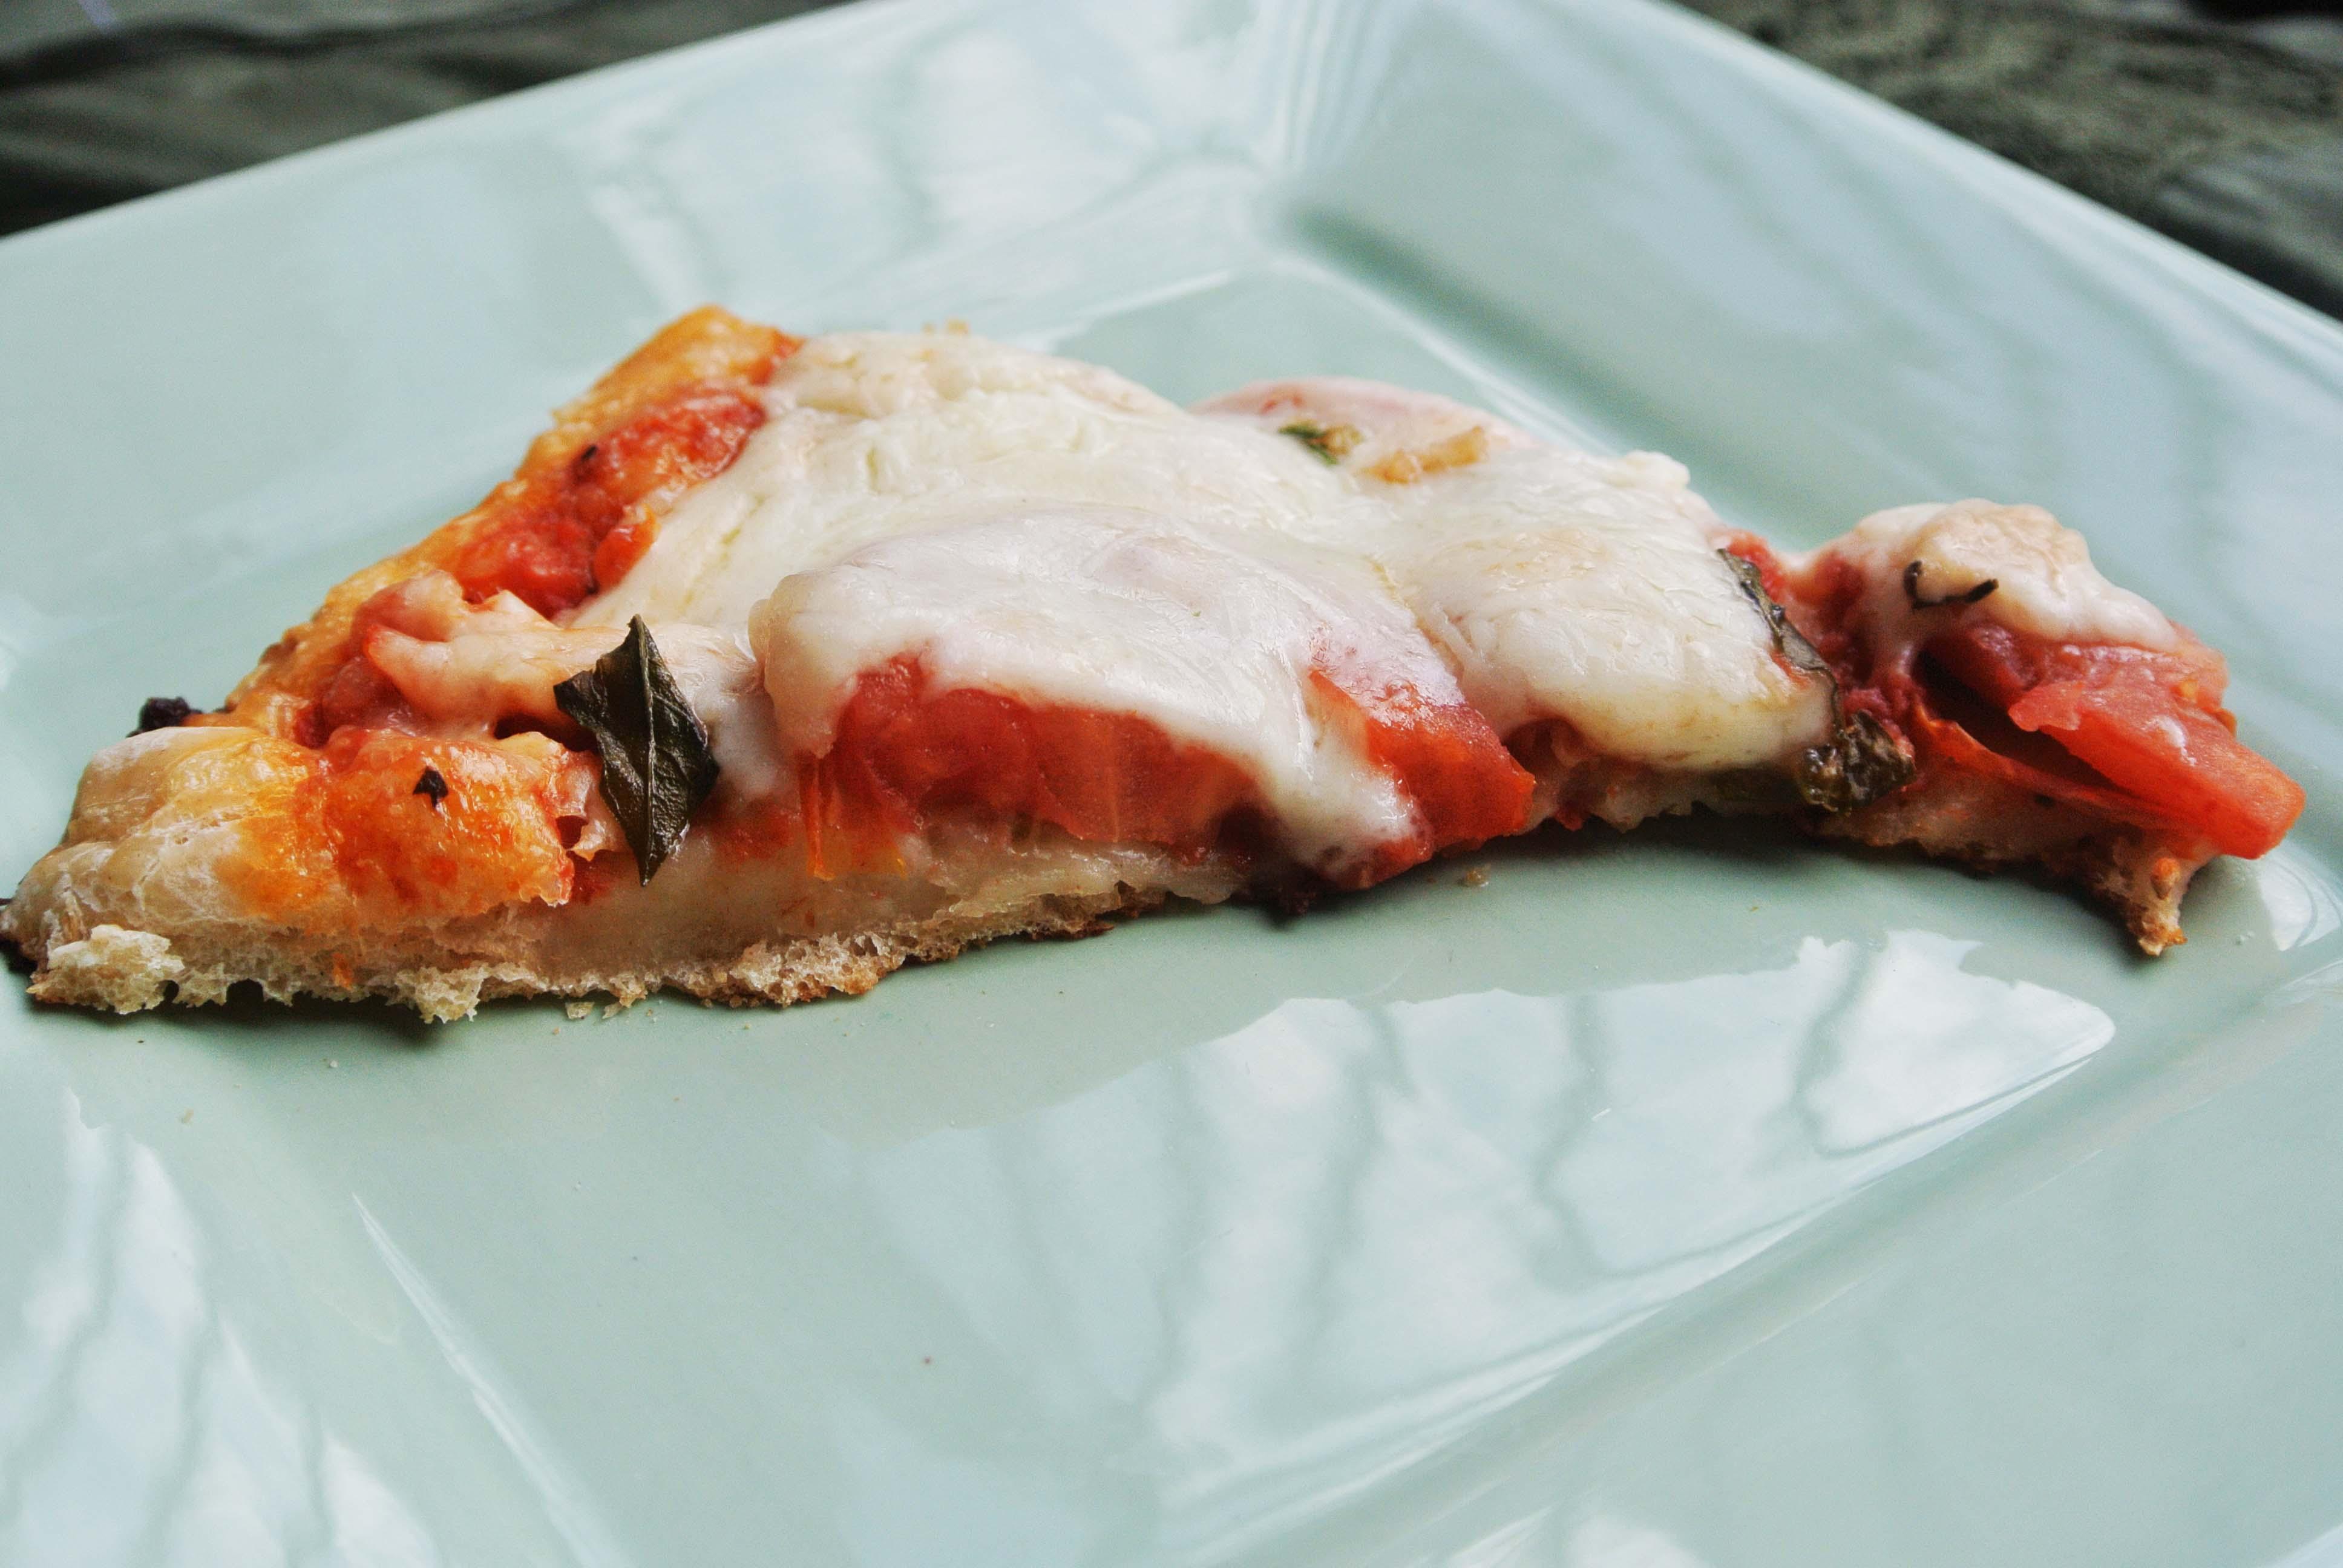 Easy Dinner Parties: Artisan Pizza | The Pancake Princess